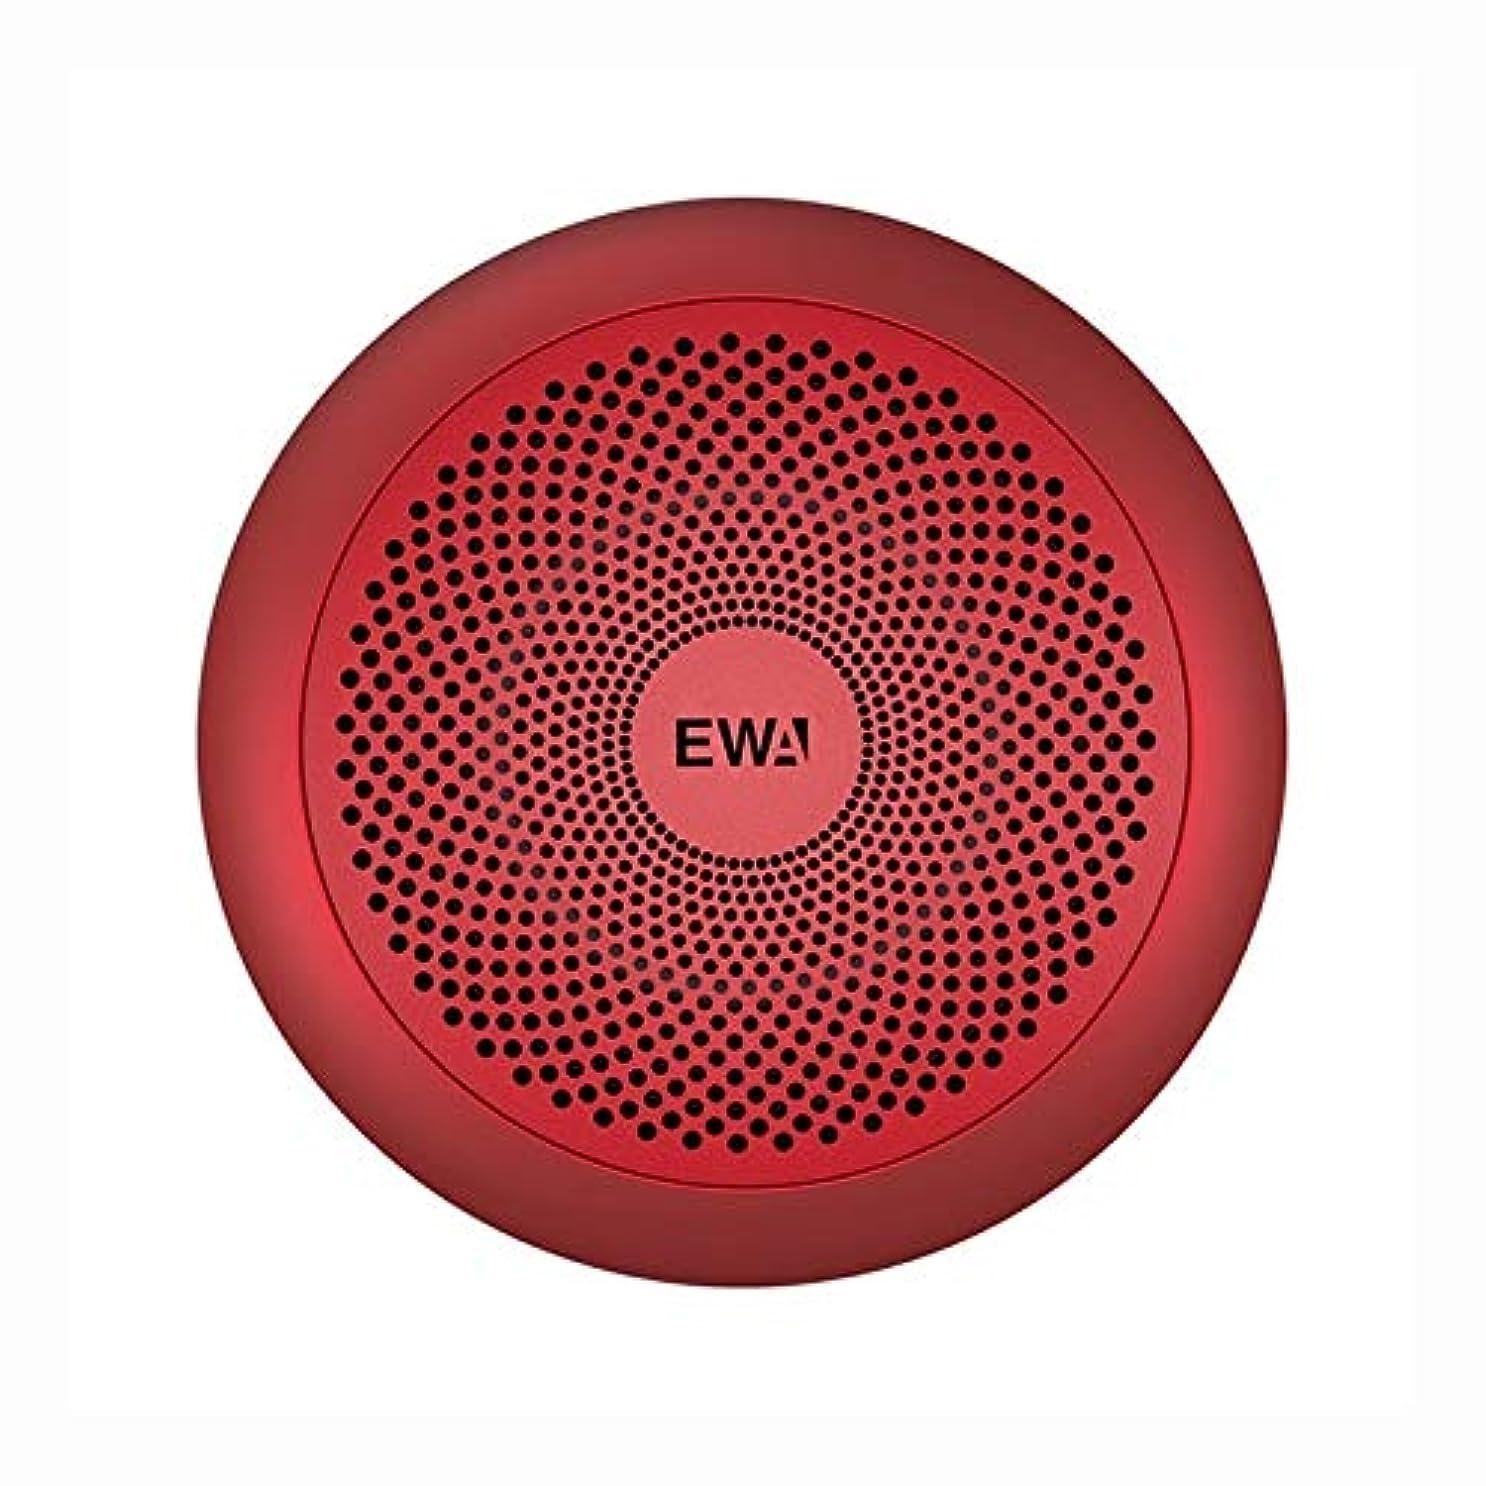 愛情ベッドを作る大臣Bluetoothスピーカー 高Hidelityブルートゥーススピーカー小型ハイパワーベースTWSのBluetoothテクノロジーのサポートTF (色 : Red)